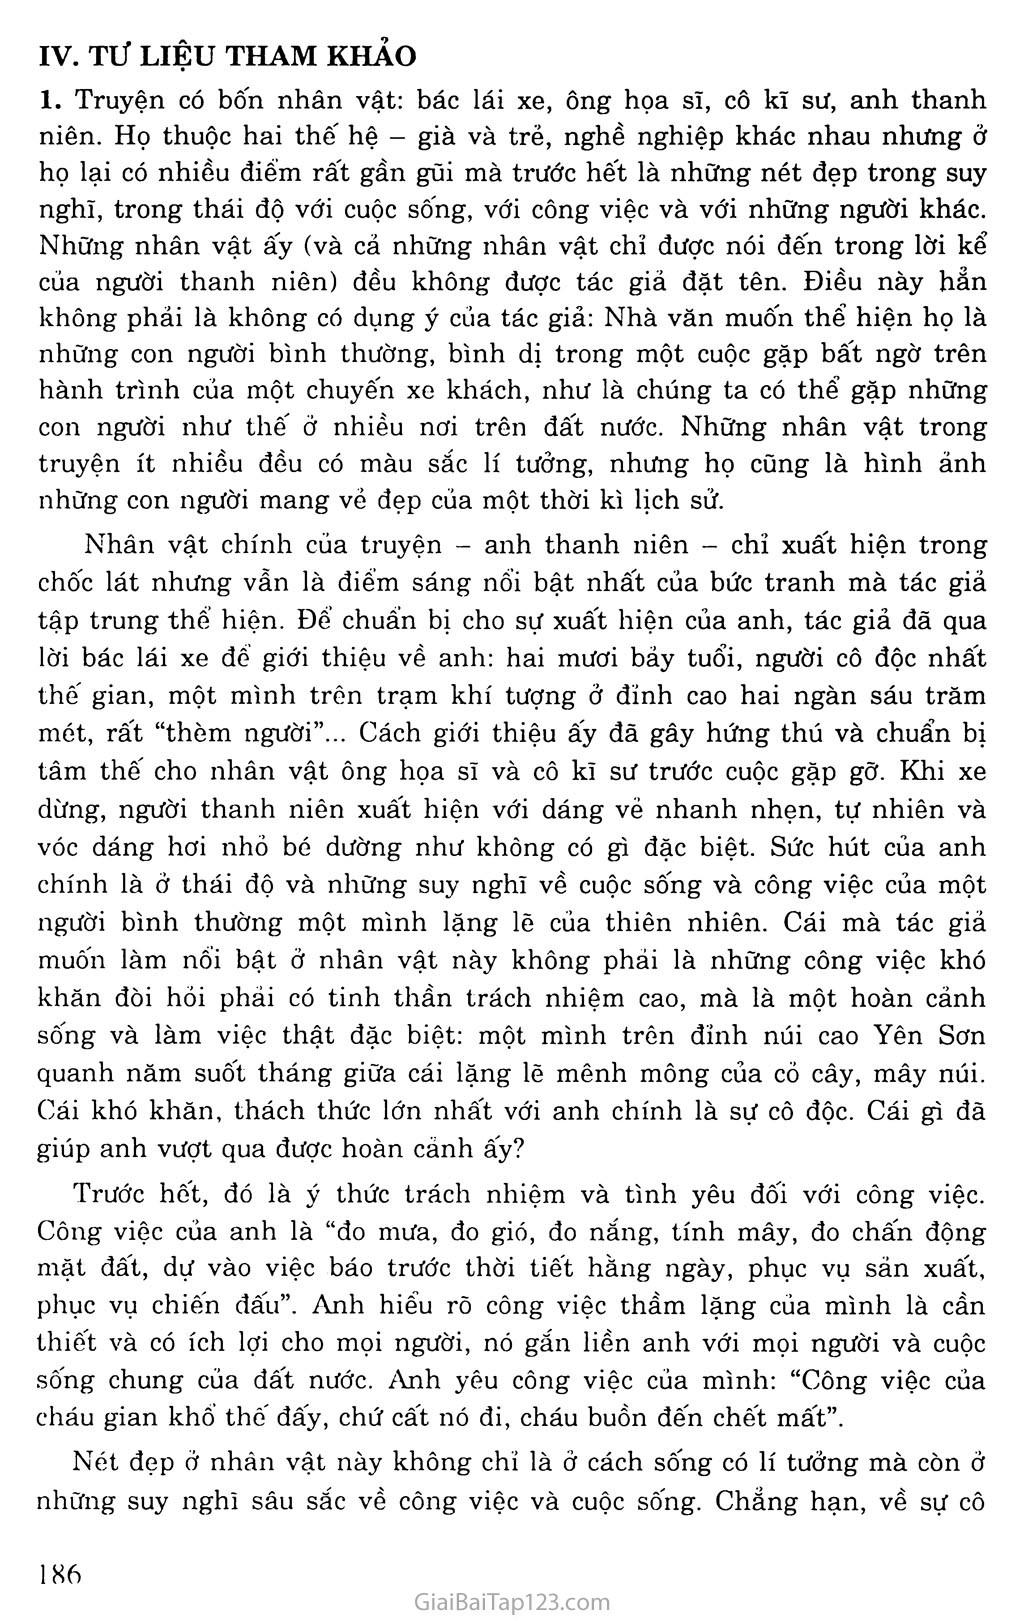 Lặng lẽ Sa Pa (trích) trang 5